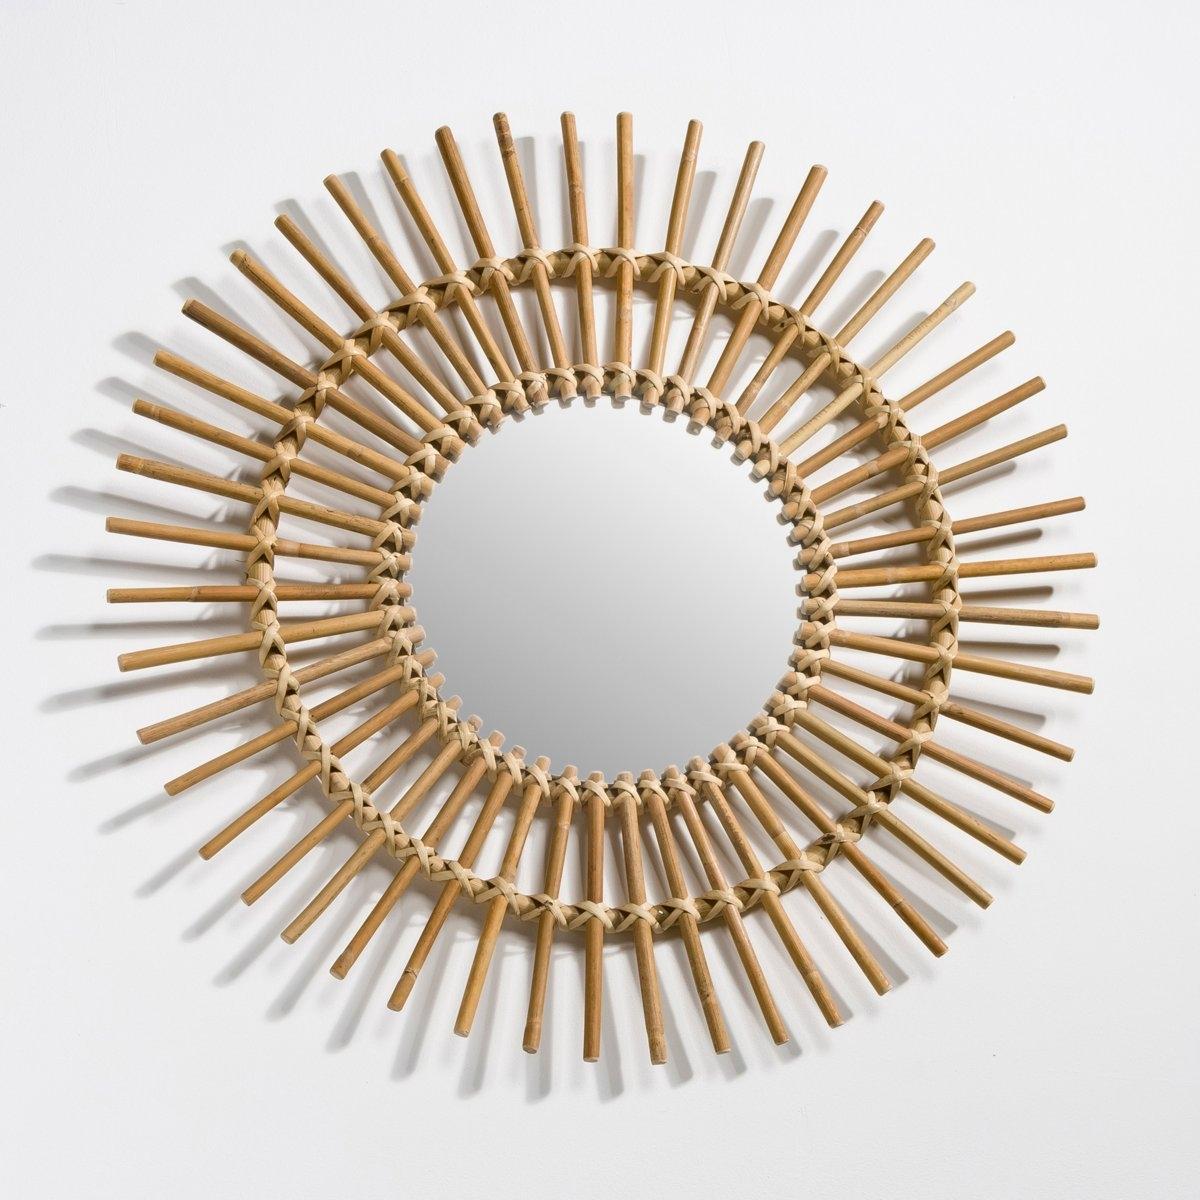 Винтажное La Redoute Зеркало в форме солнца из ротанга Nogu единый размер бежевый зеркало la redoute из ротанга в форме ромашки см nogu единый размер бежевый